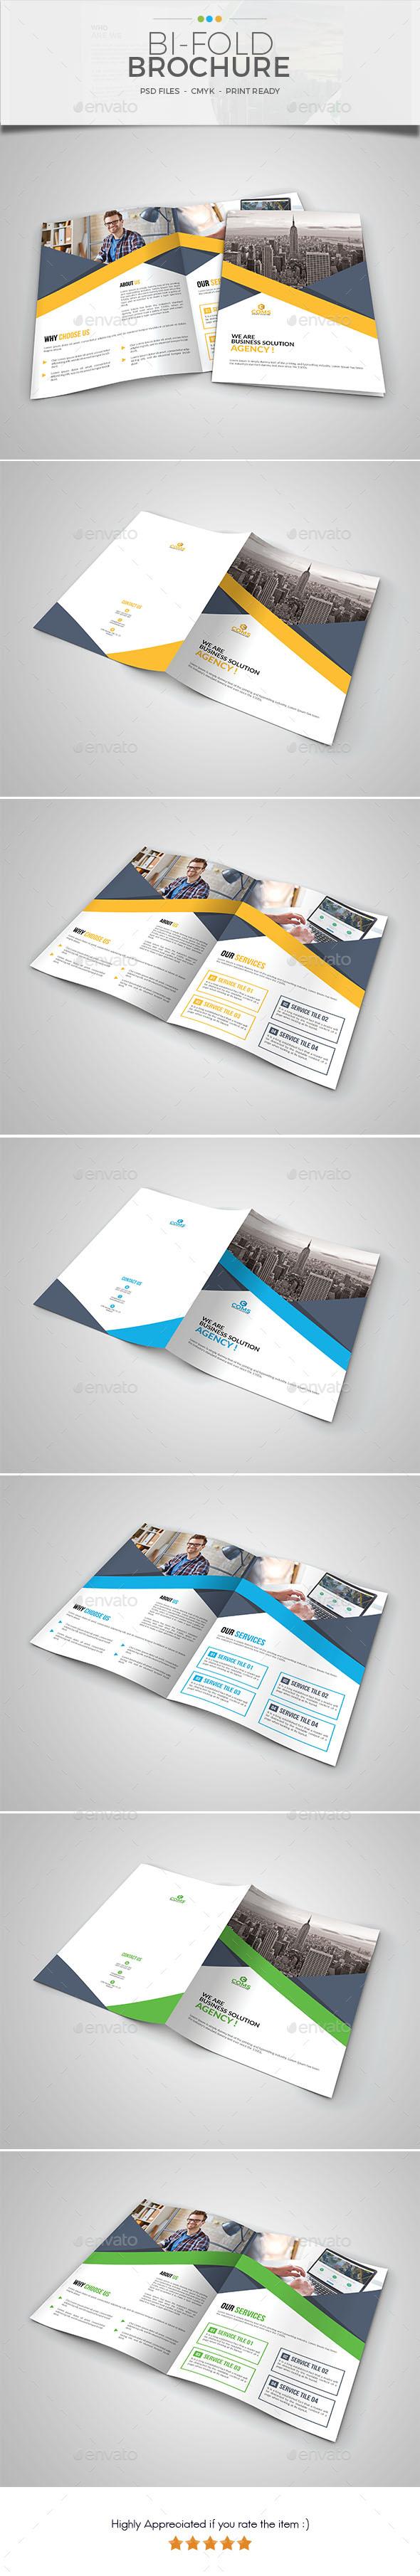 Corporate Bi-Fold Brochure Template 06 - Corporate Brochures